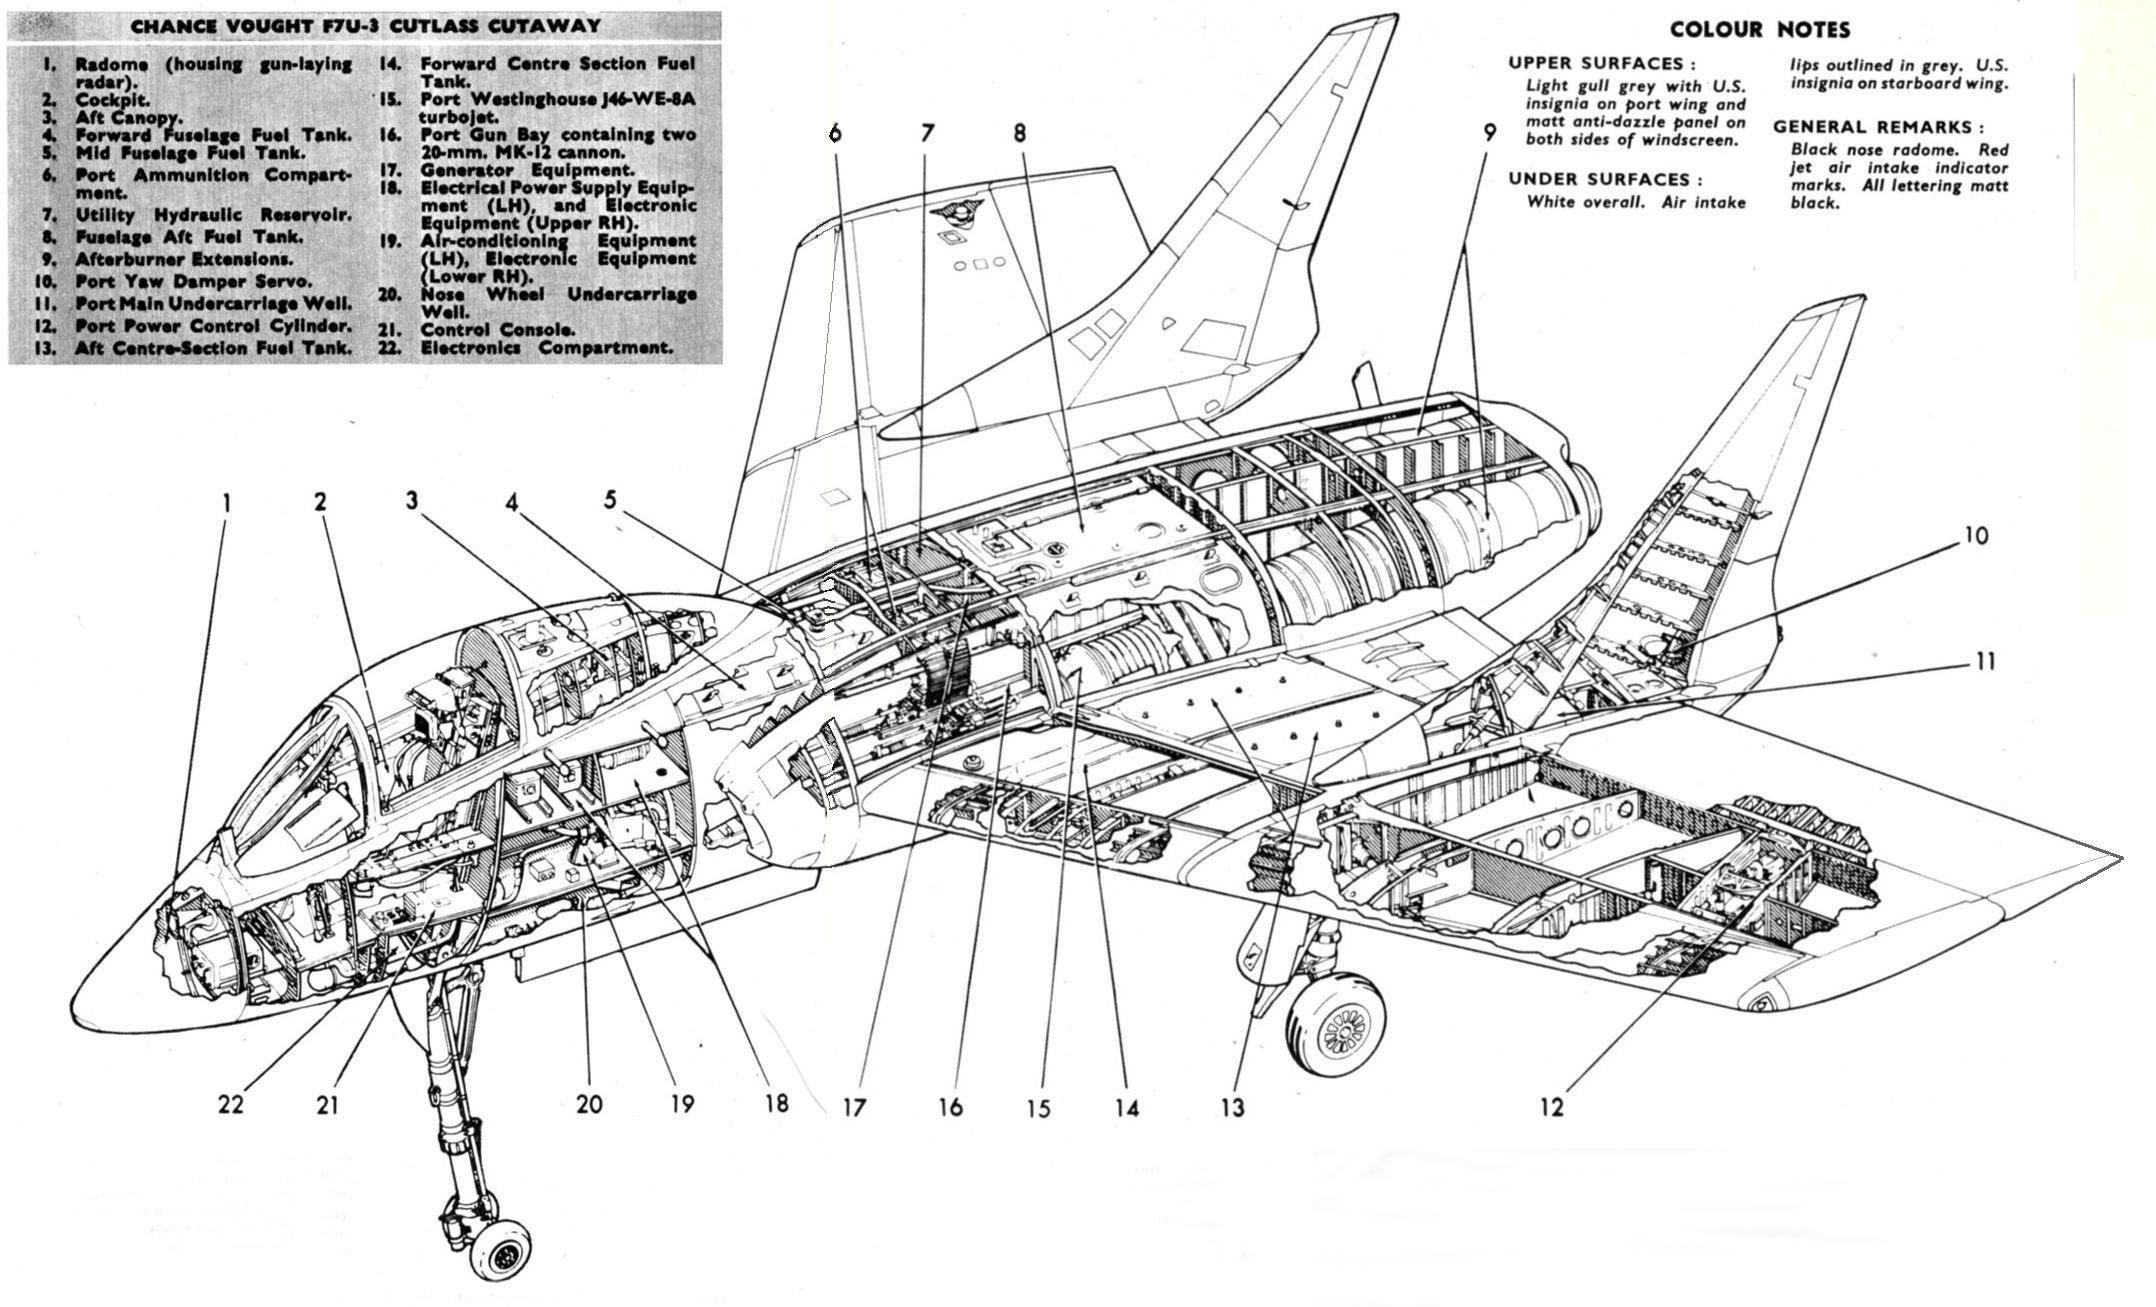 F7u Cutlass Cutaway Drawing